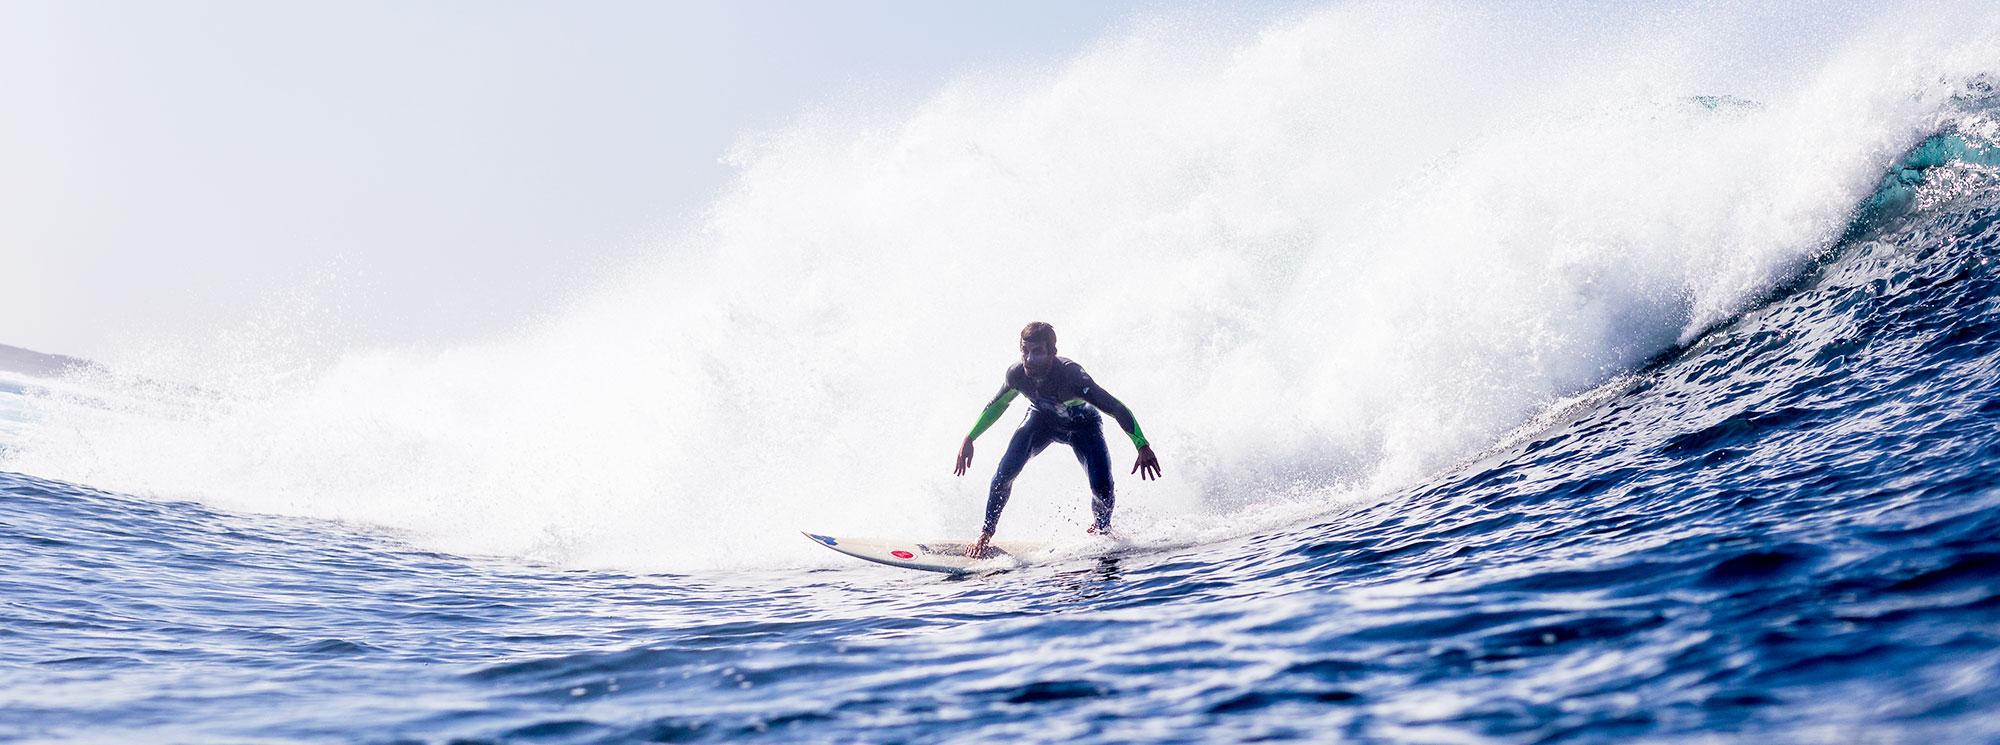 photo Morgan coco surf